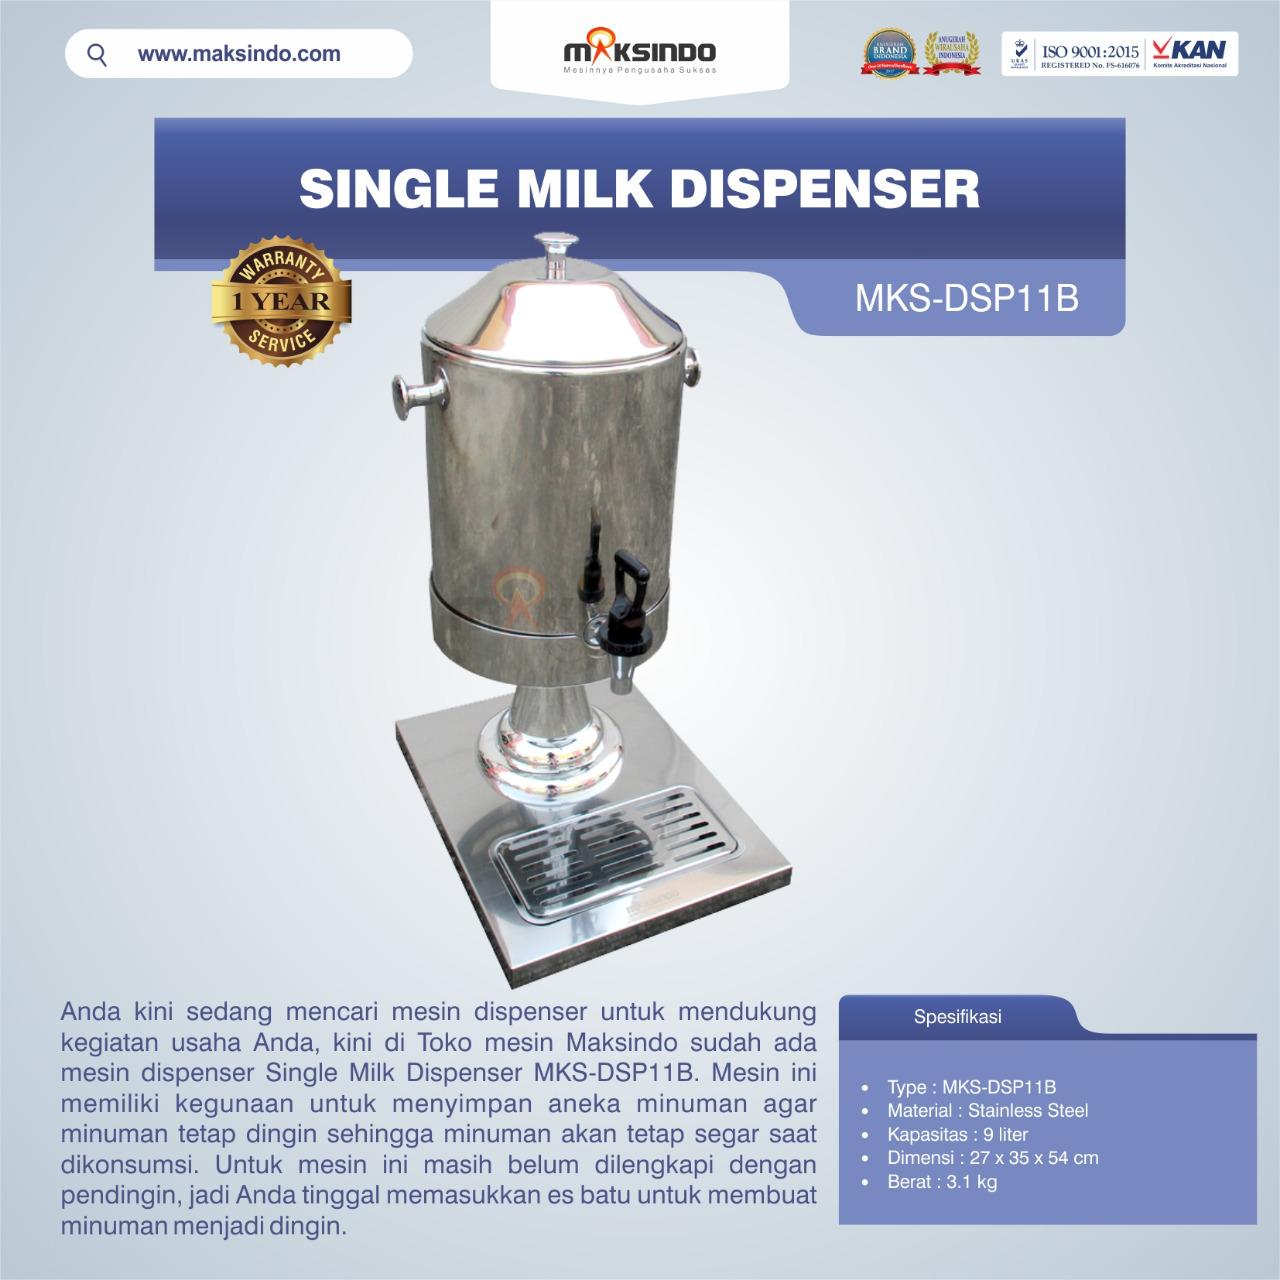 Jual Single Milk Dispenser MKS-DSP11B di Bali